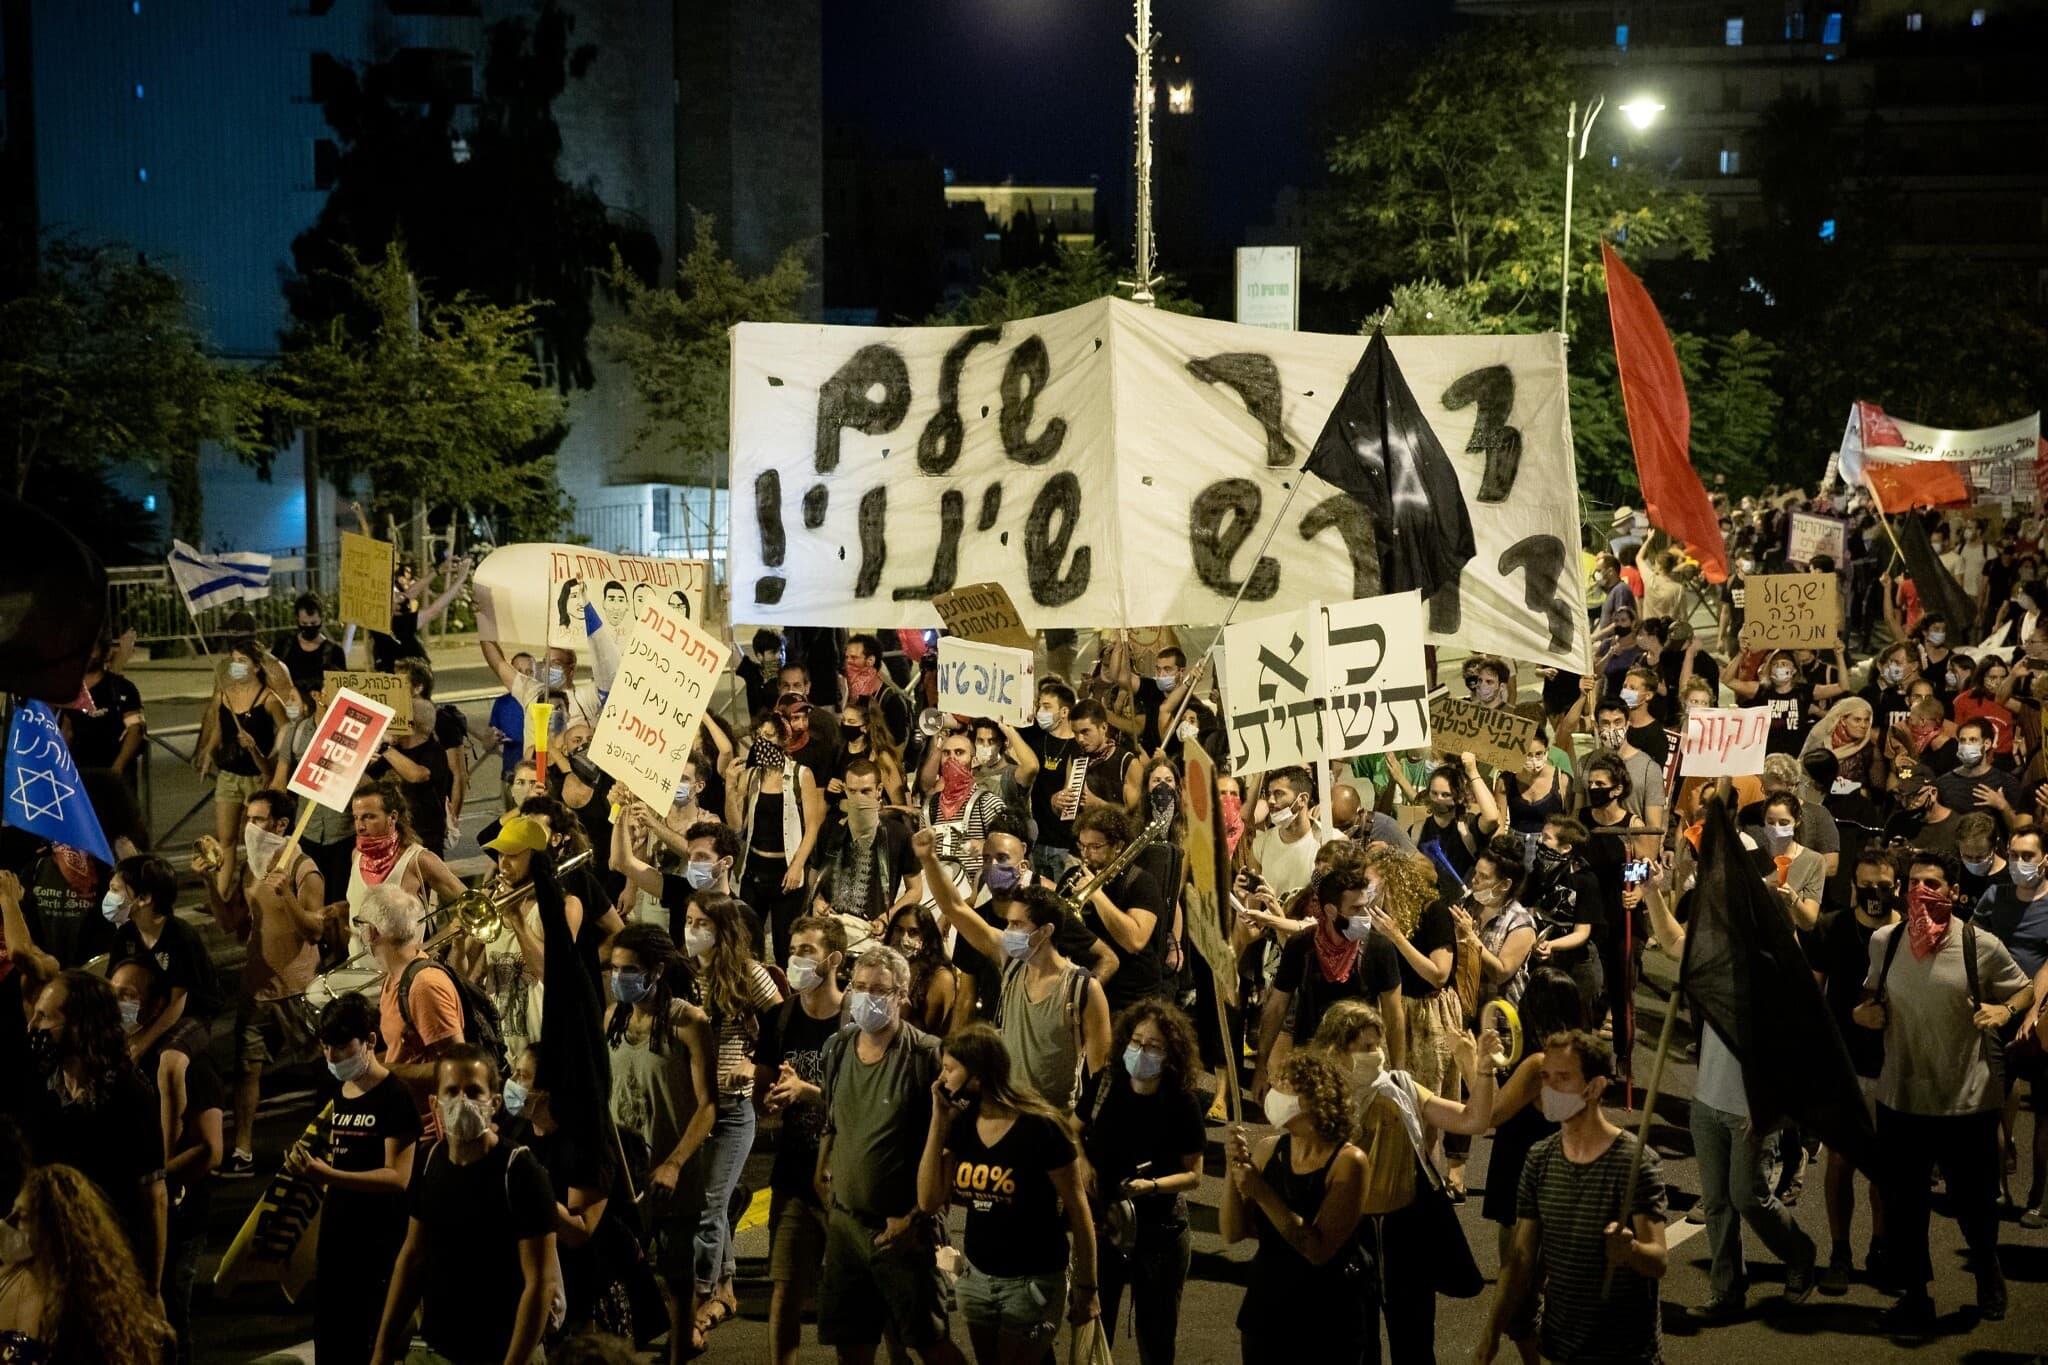 הצעירים מגיעים לבלפור: דור שלם דורש שינוי. 1 באוגוסט 2020 (צילום: יונתן זינדל/פלאש90)